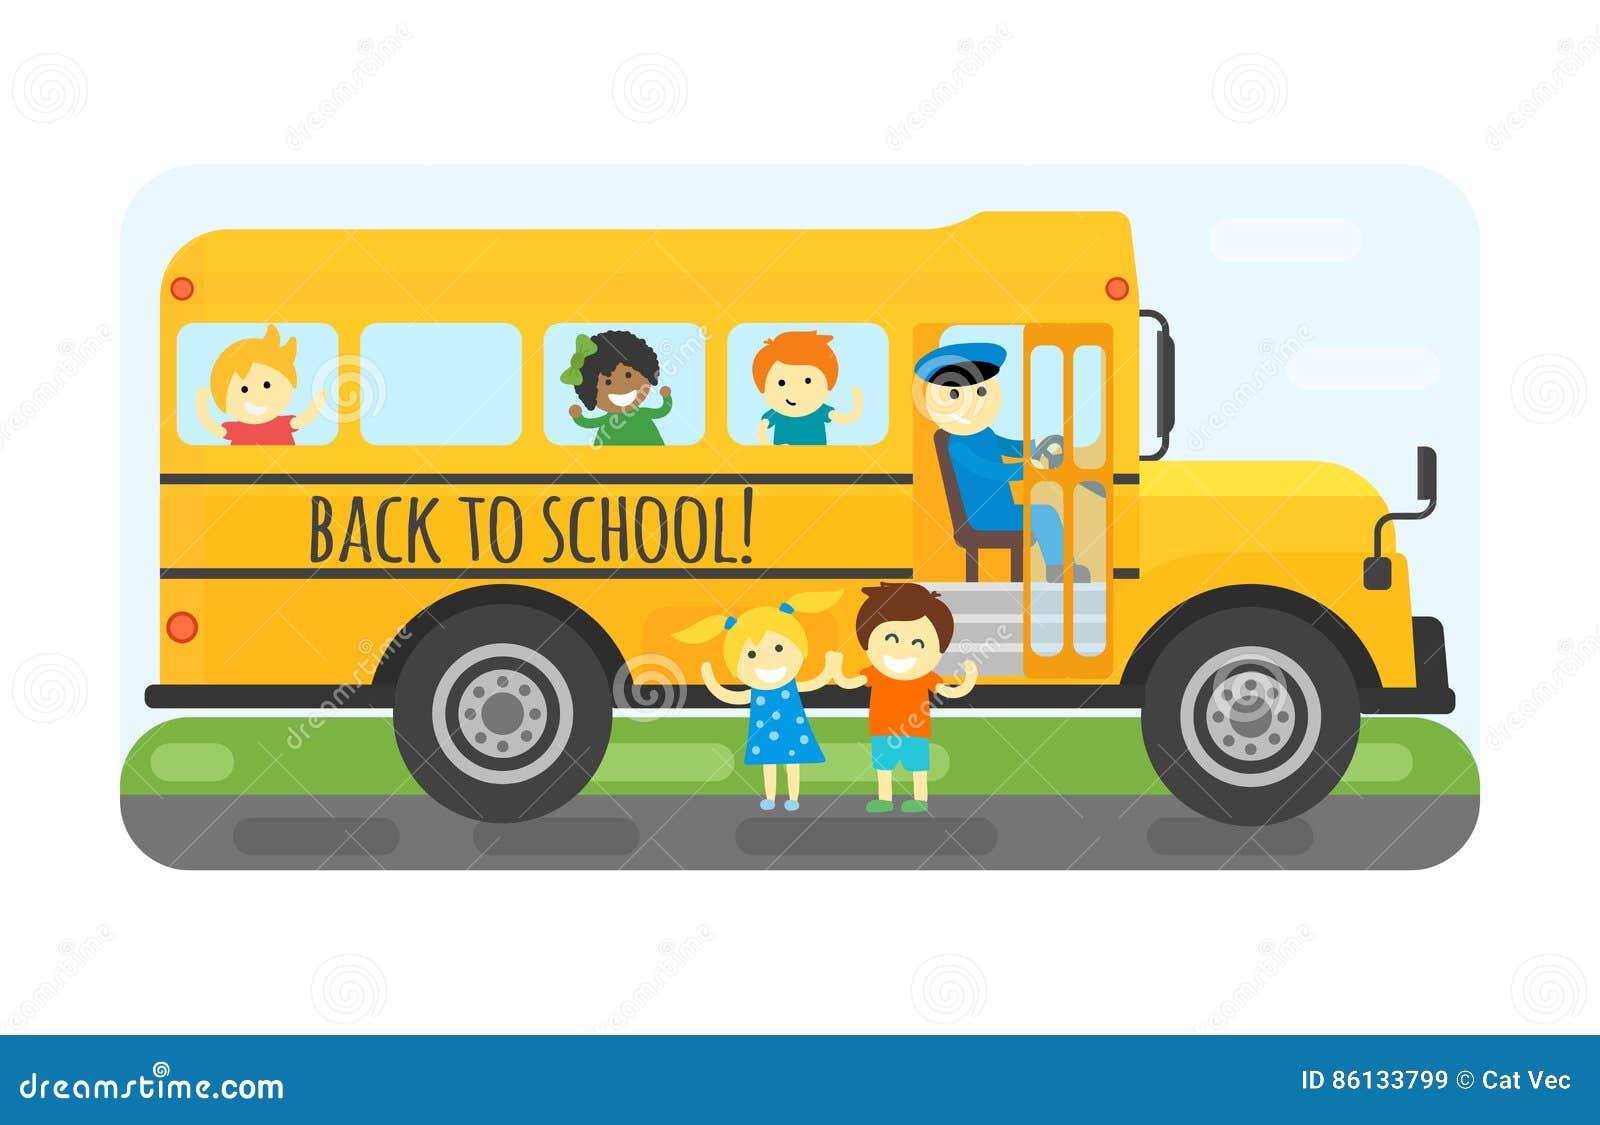 School Bus Kids Transport Vector Illustration  Stock Vector